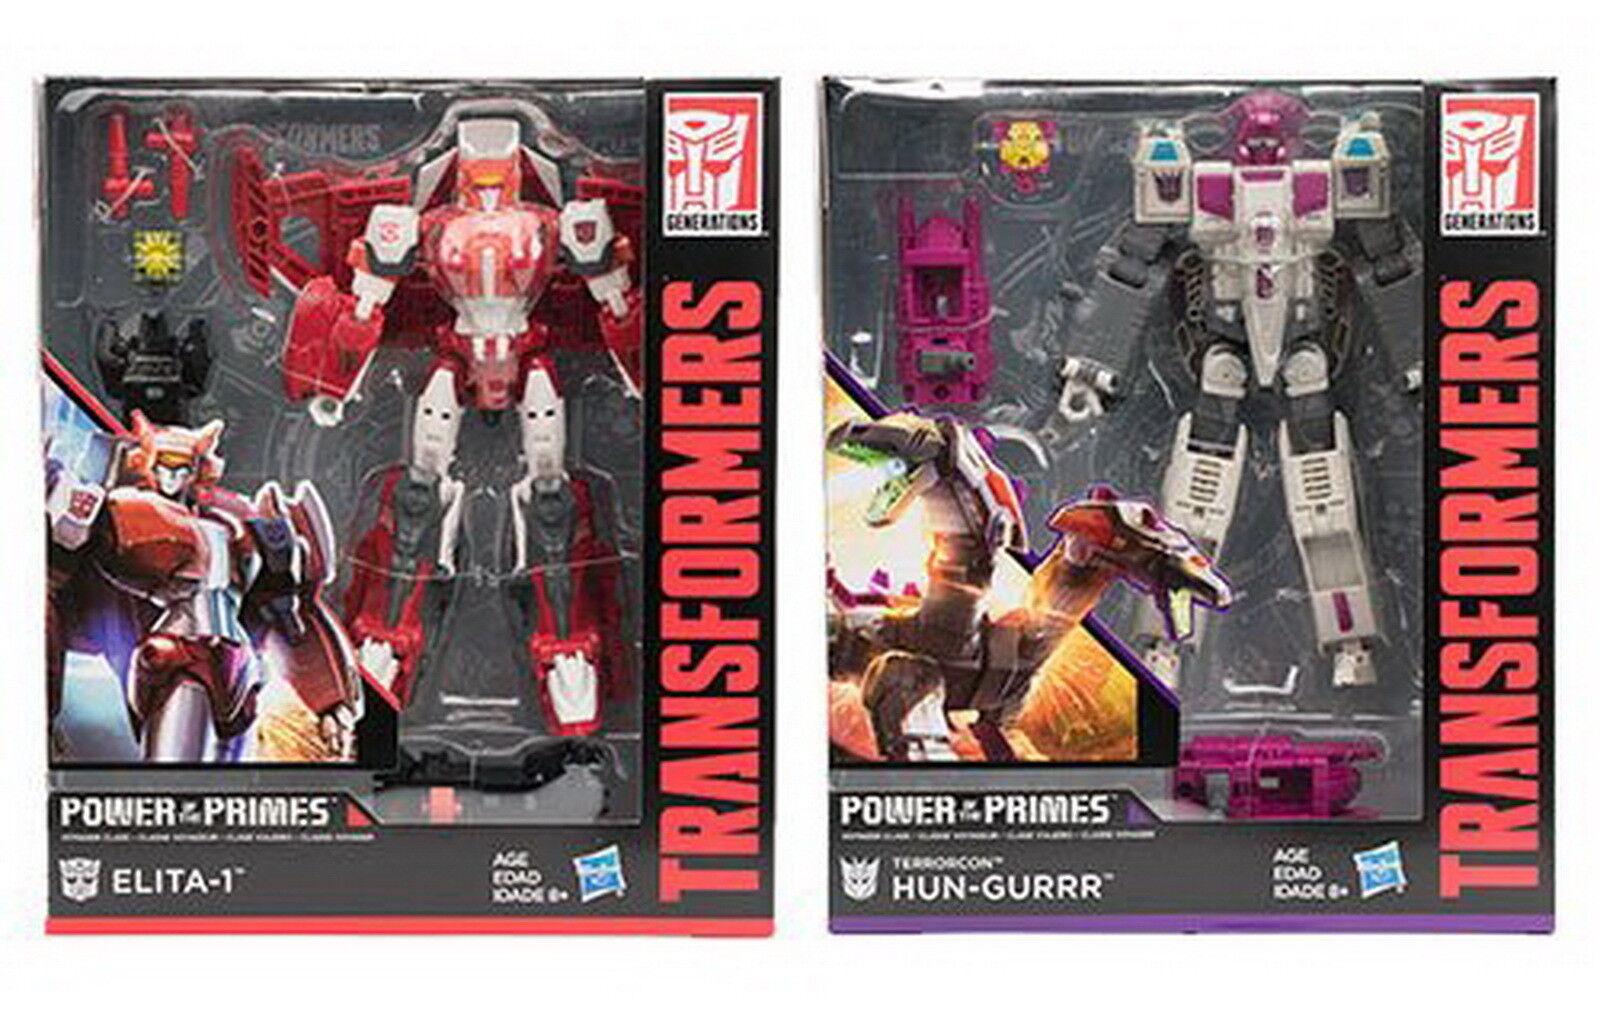 Transformers Hasbro Power of  the primes POTP W2 Voyager ensemble de Elita - 1 Hun-gurrr  marque